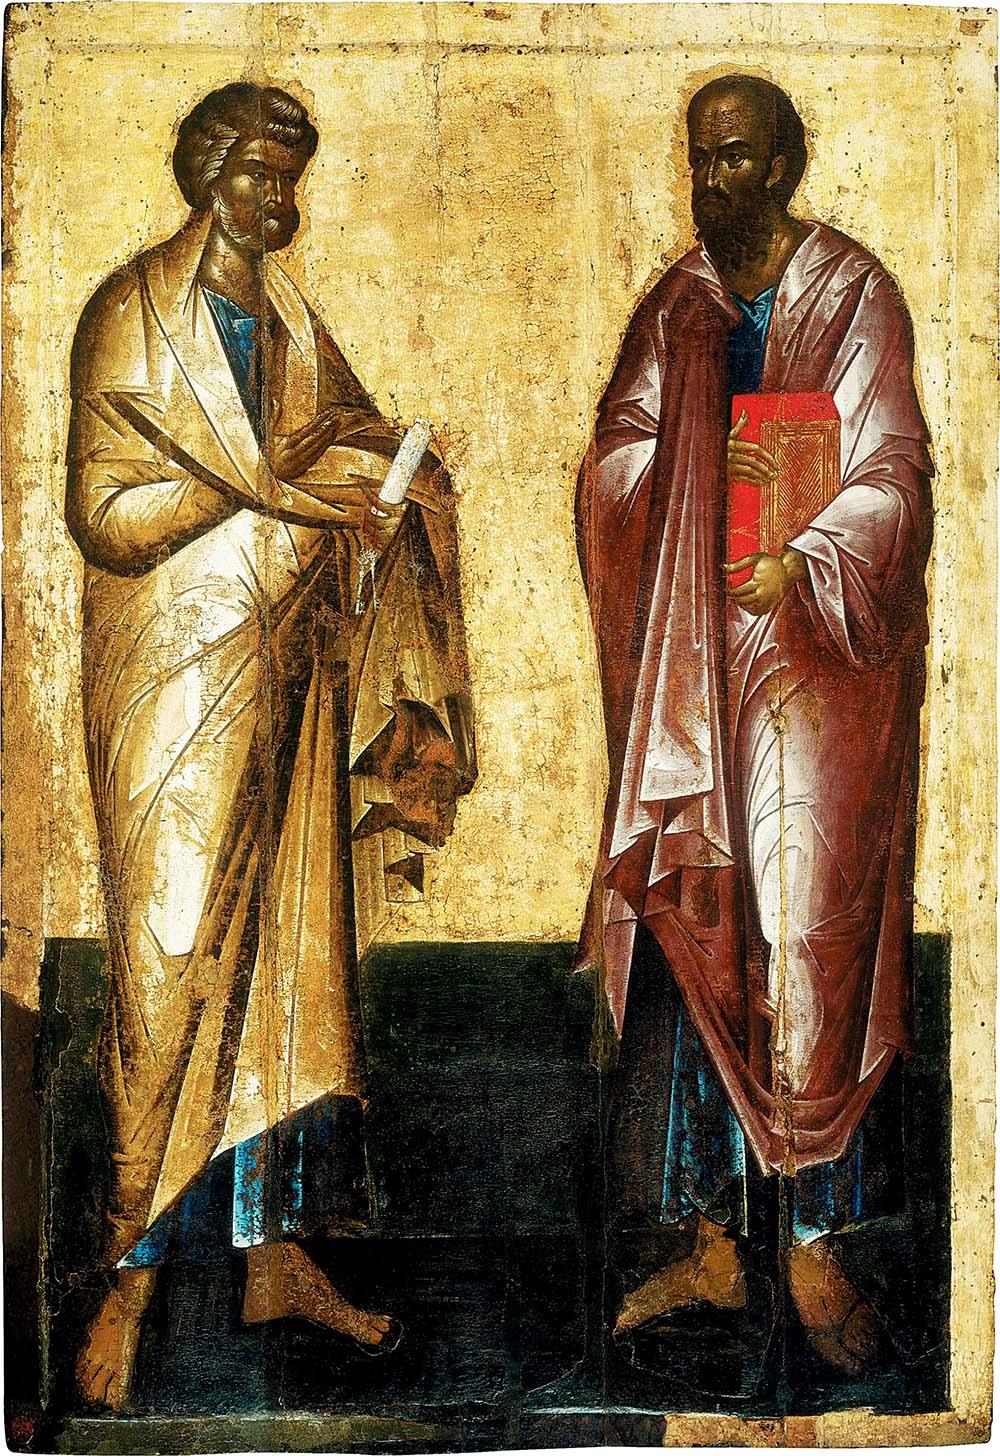 Святые верховные апостолы Петр и Павел